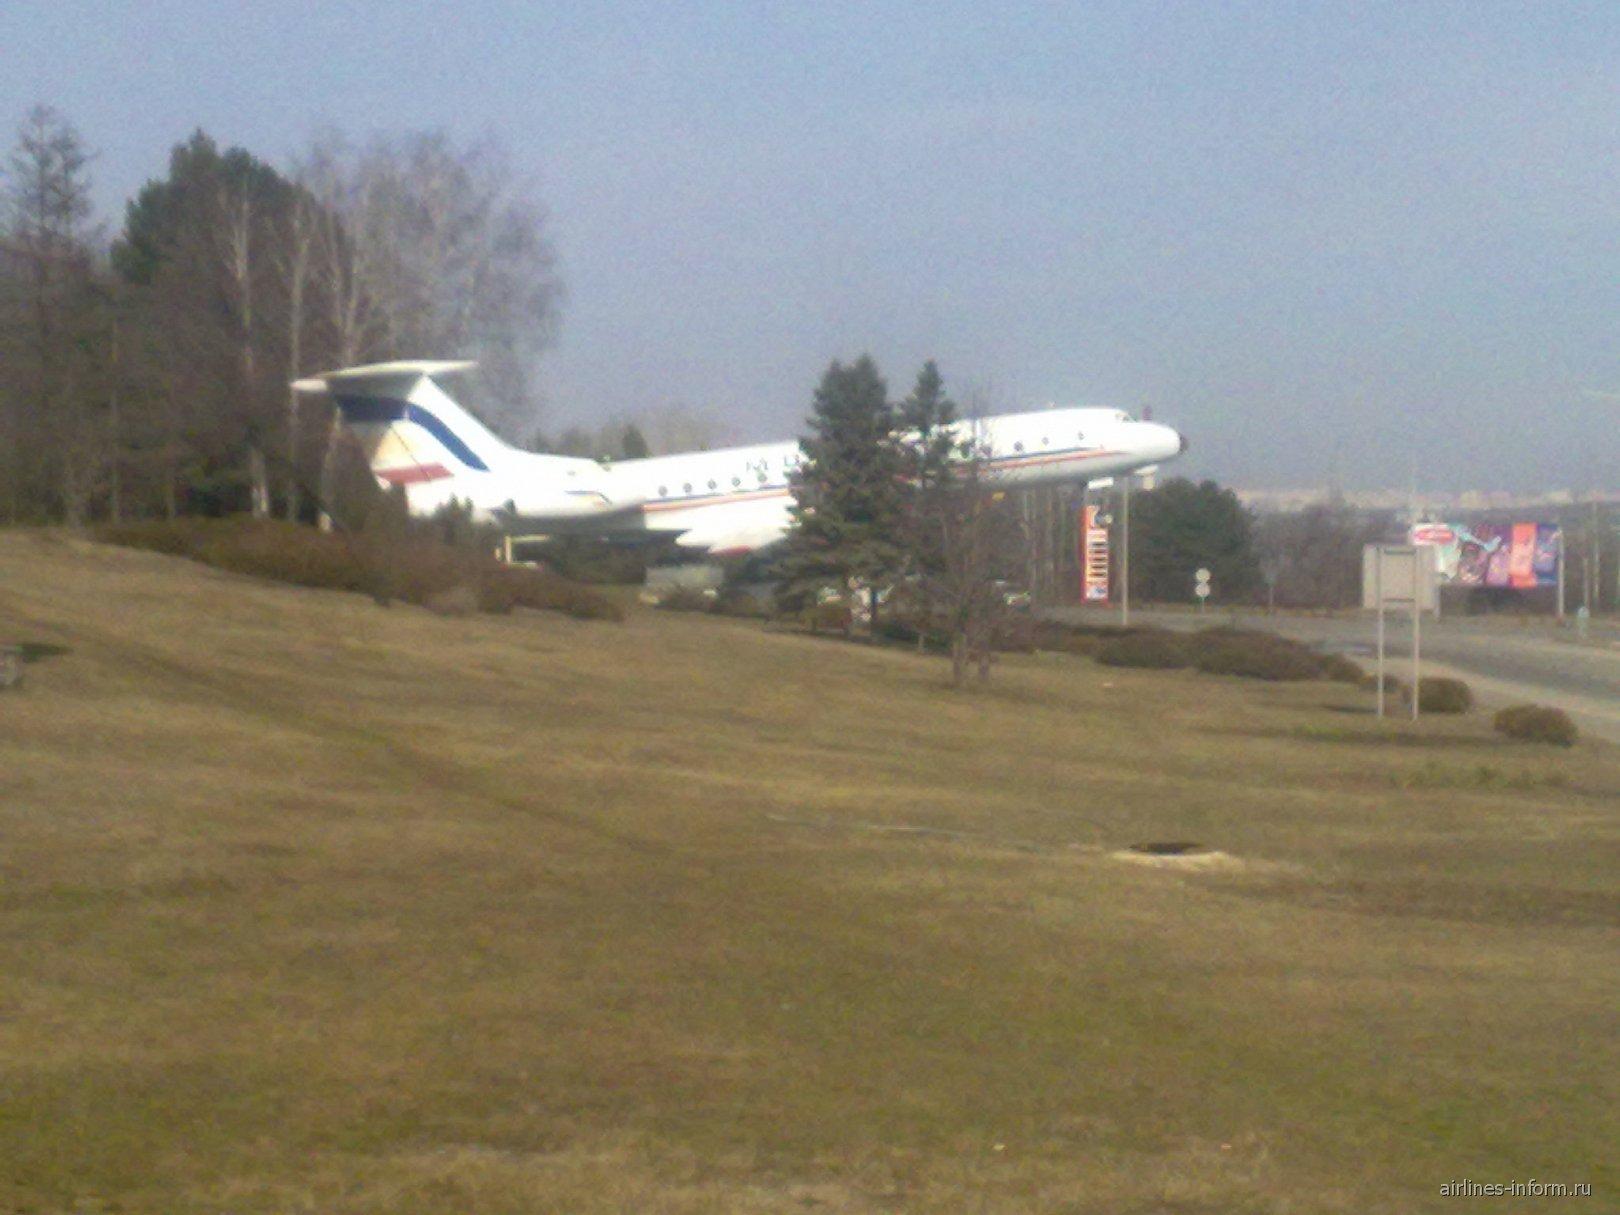 Памятник Ту-134 в аэропорту Кишинева